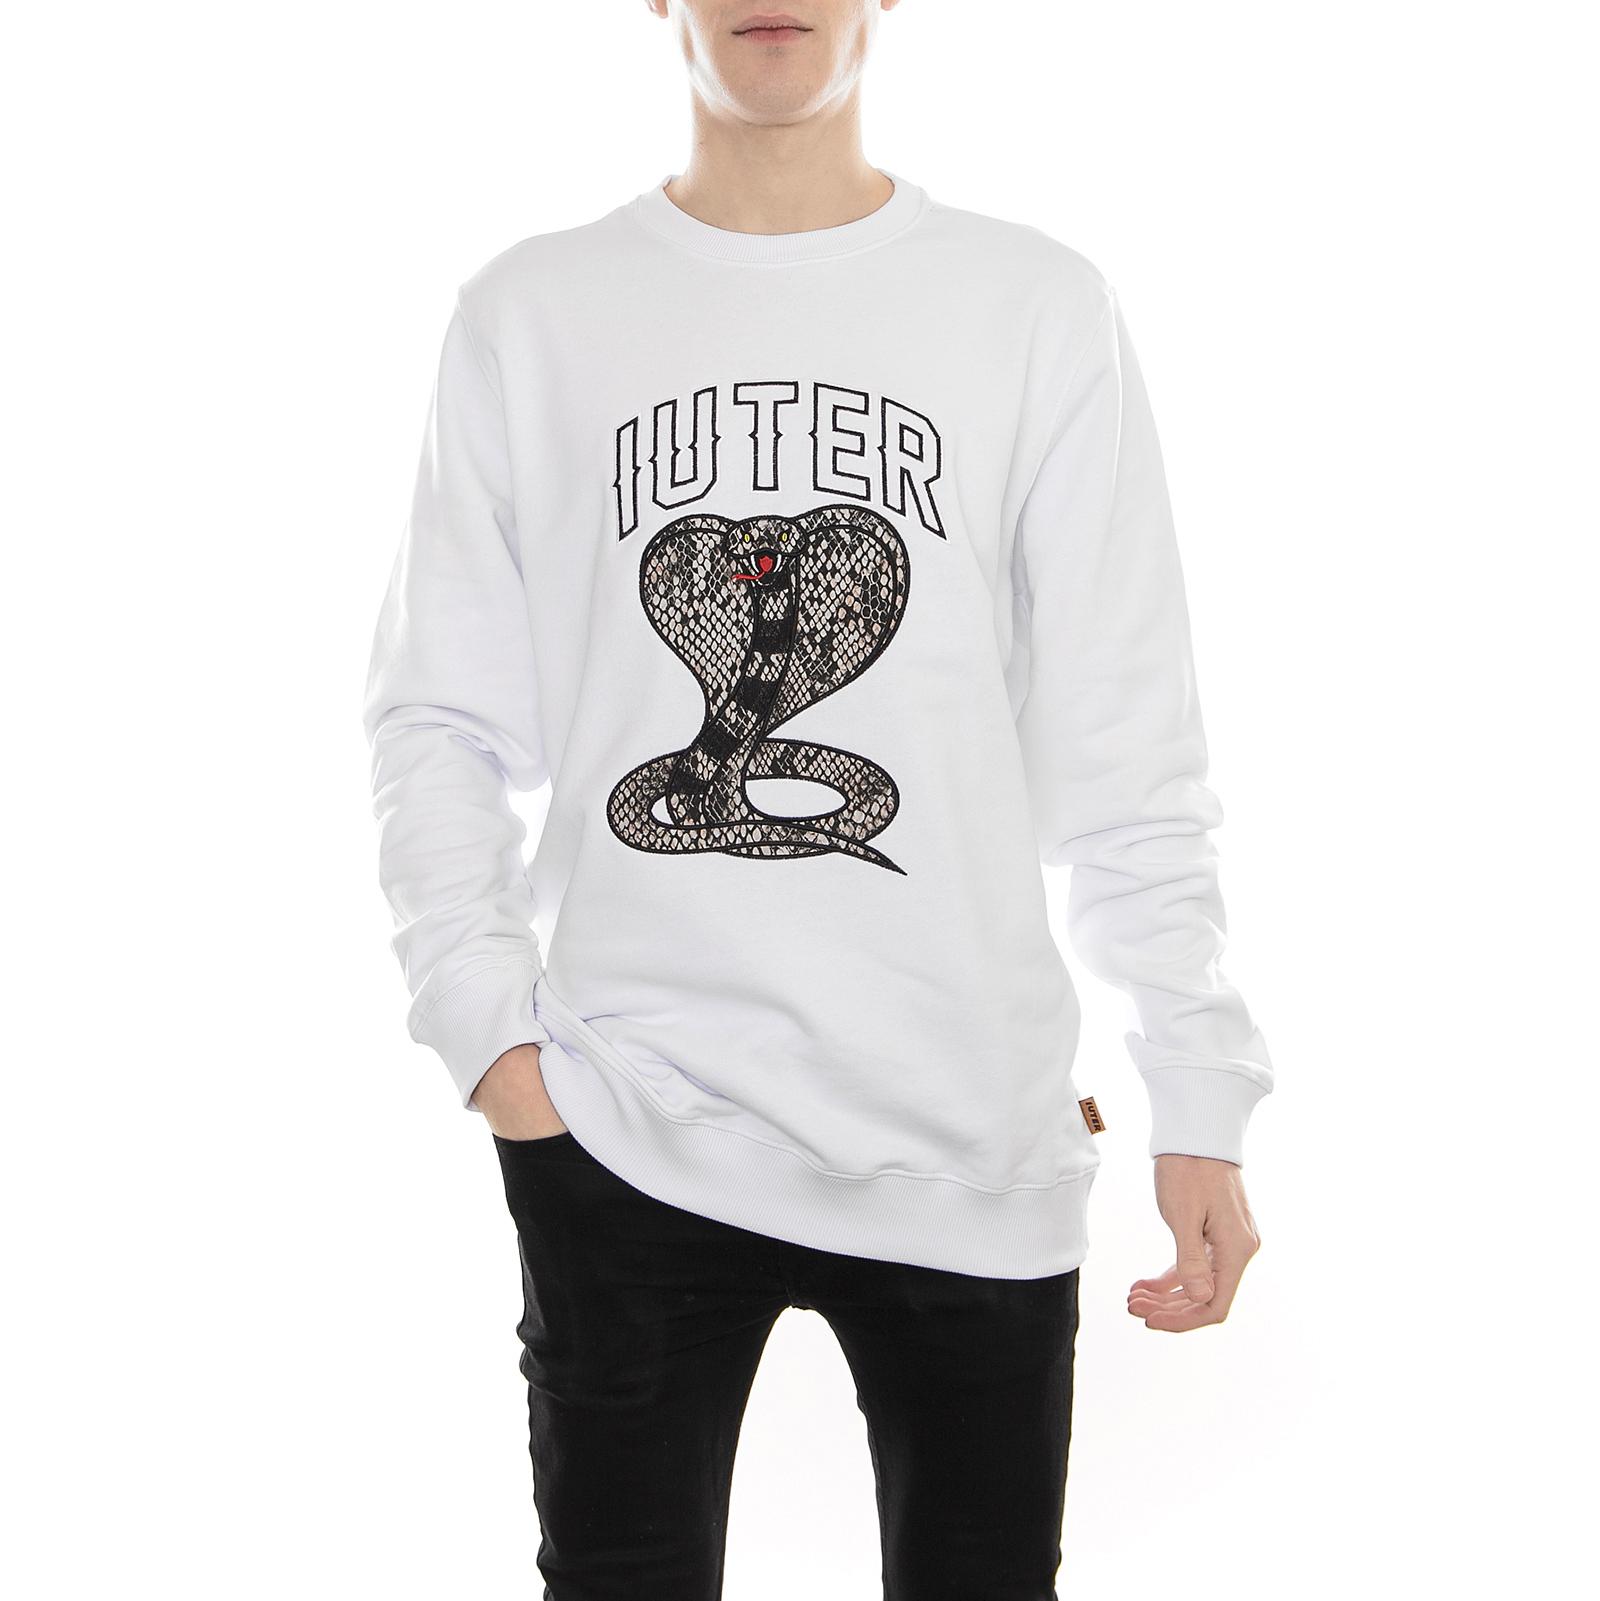 Iuter Iuter Iuter Sweatshirt Cobra Crew Weiß Weiß 6537c4